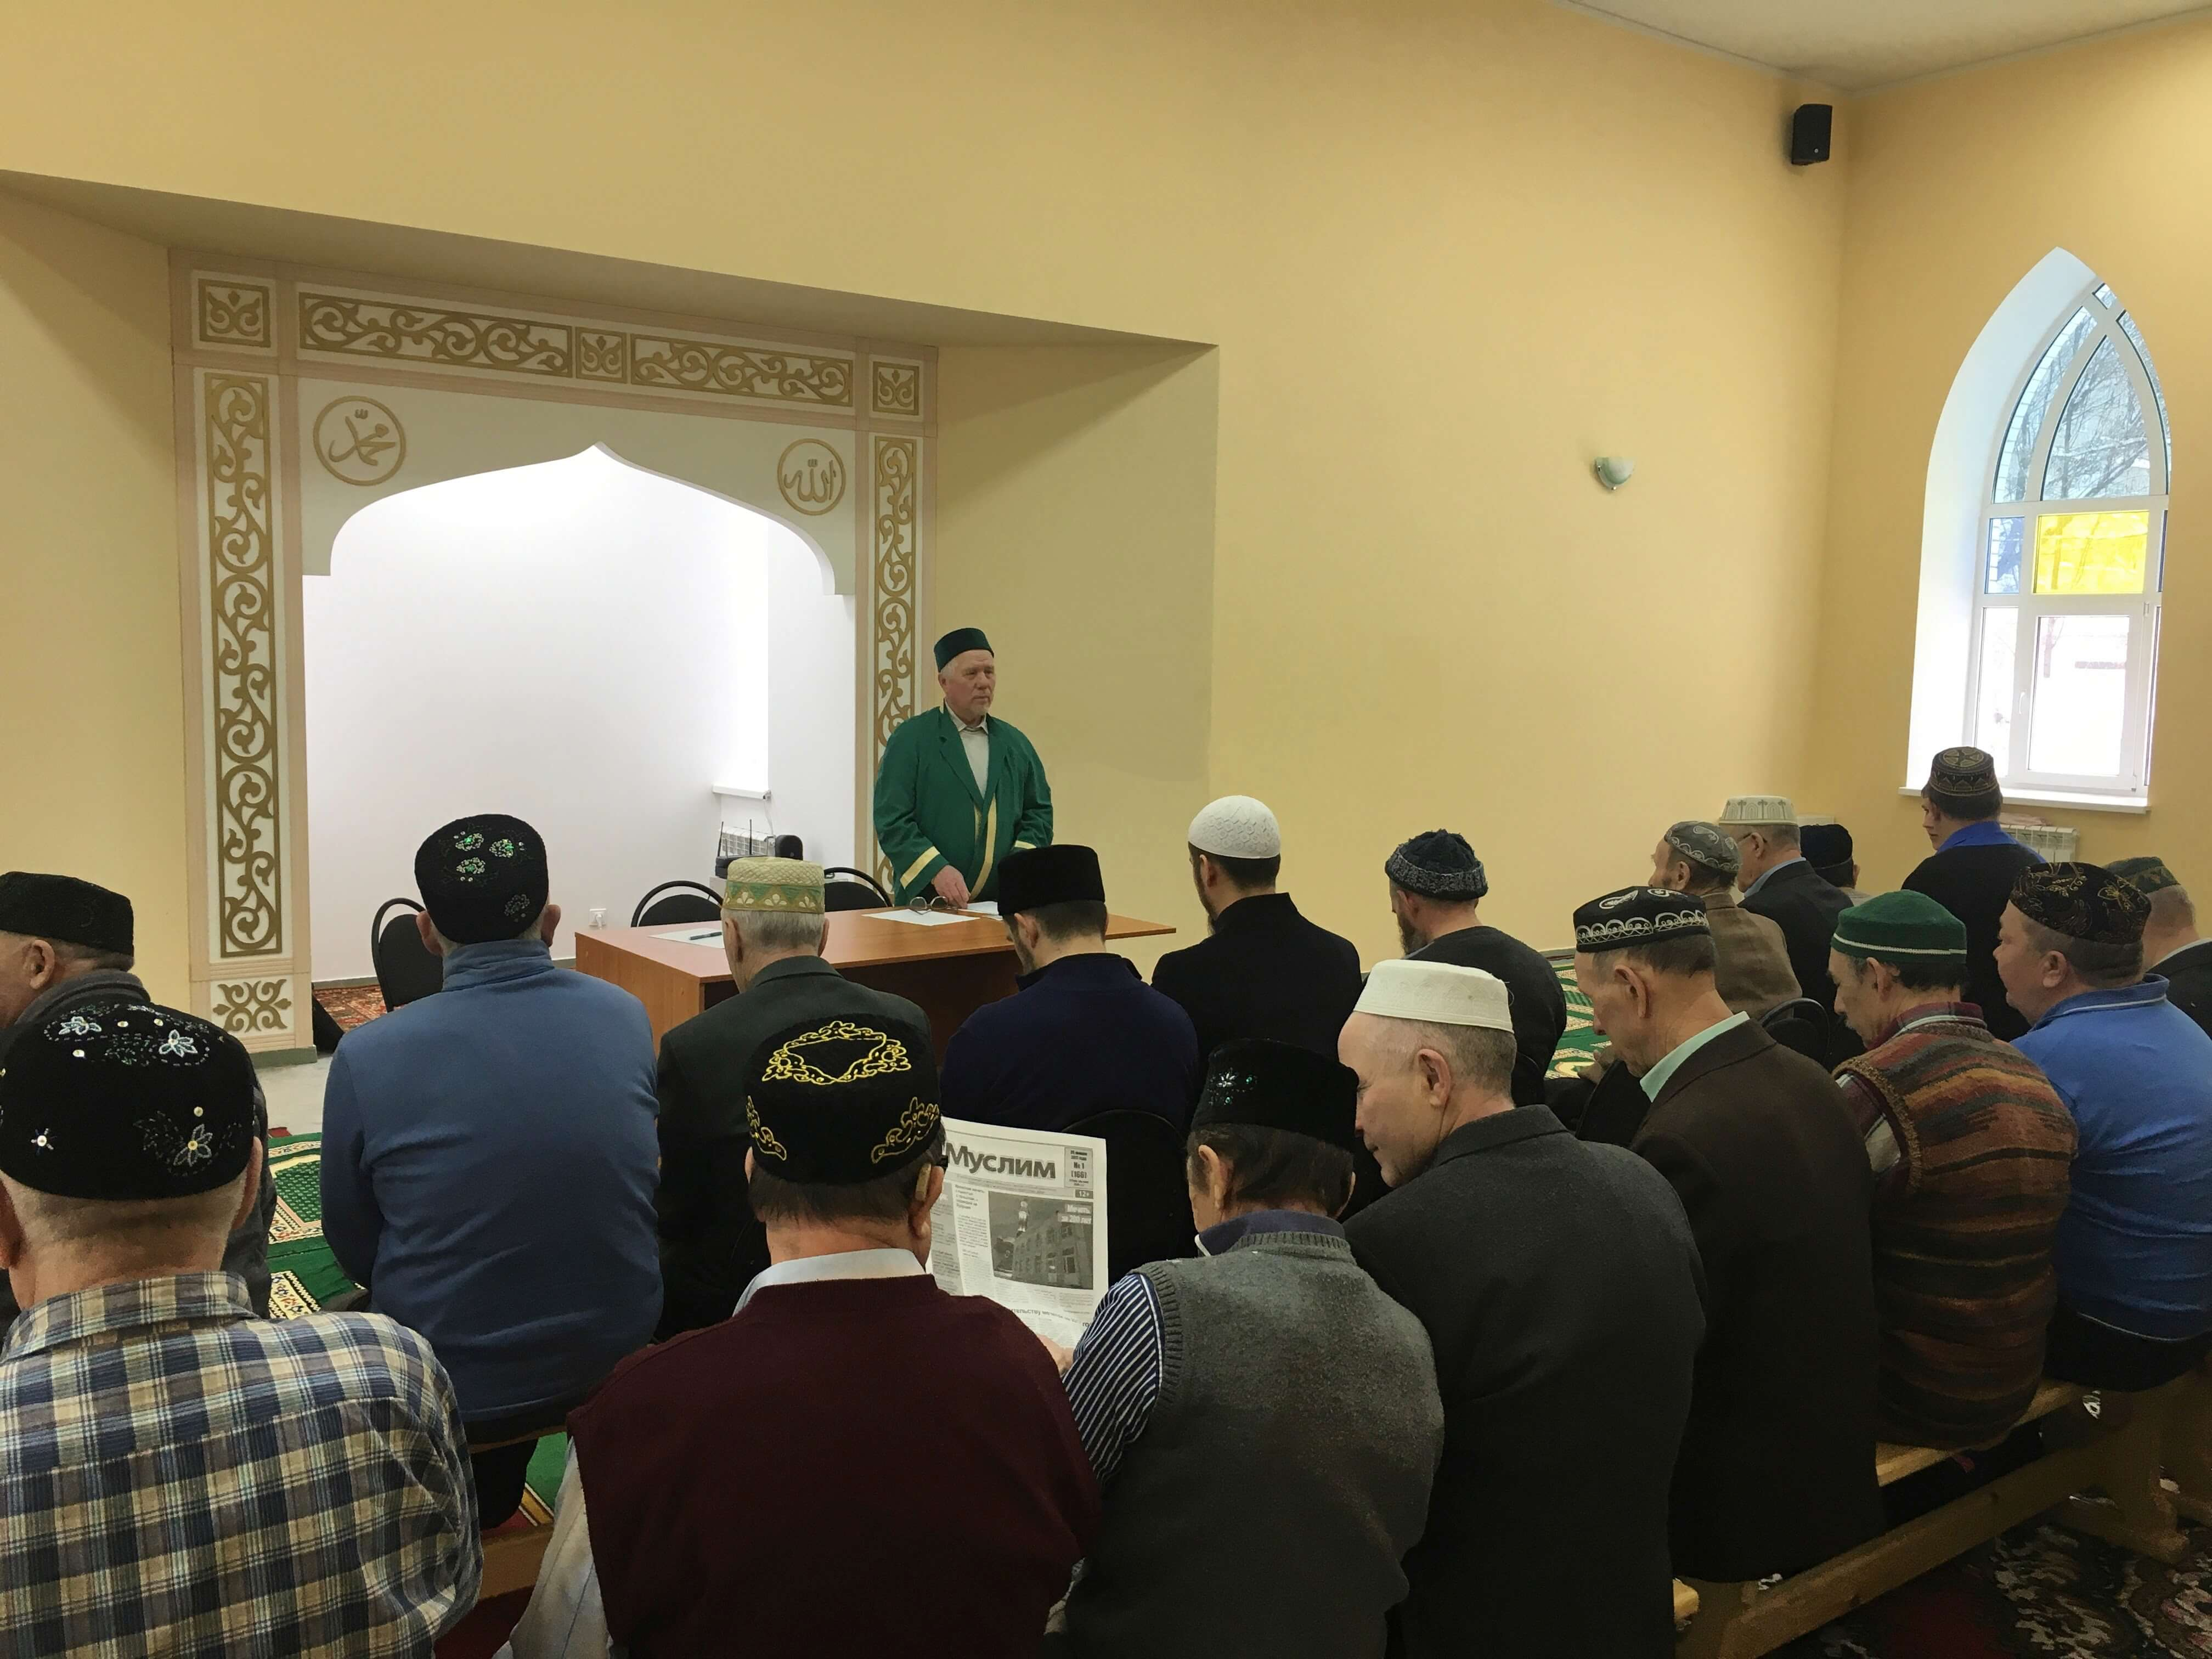 Зуфар-хазрат Сабреков, имам Глазова: Мечеть нужно оживлять своими молитвами